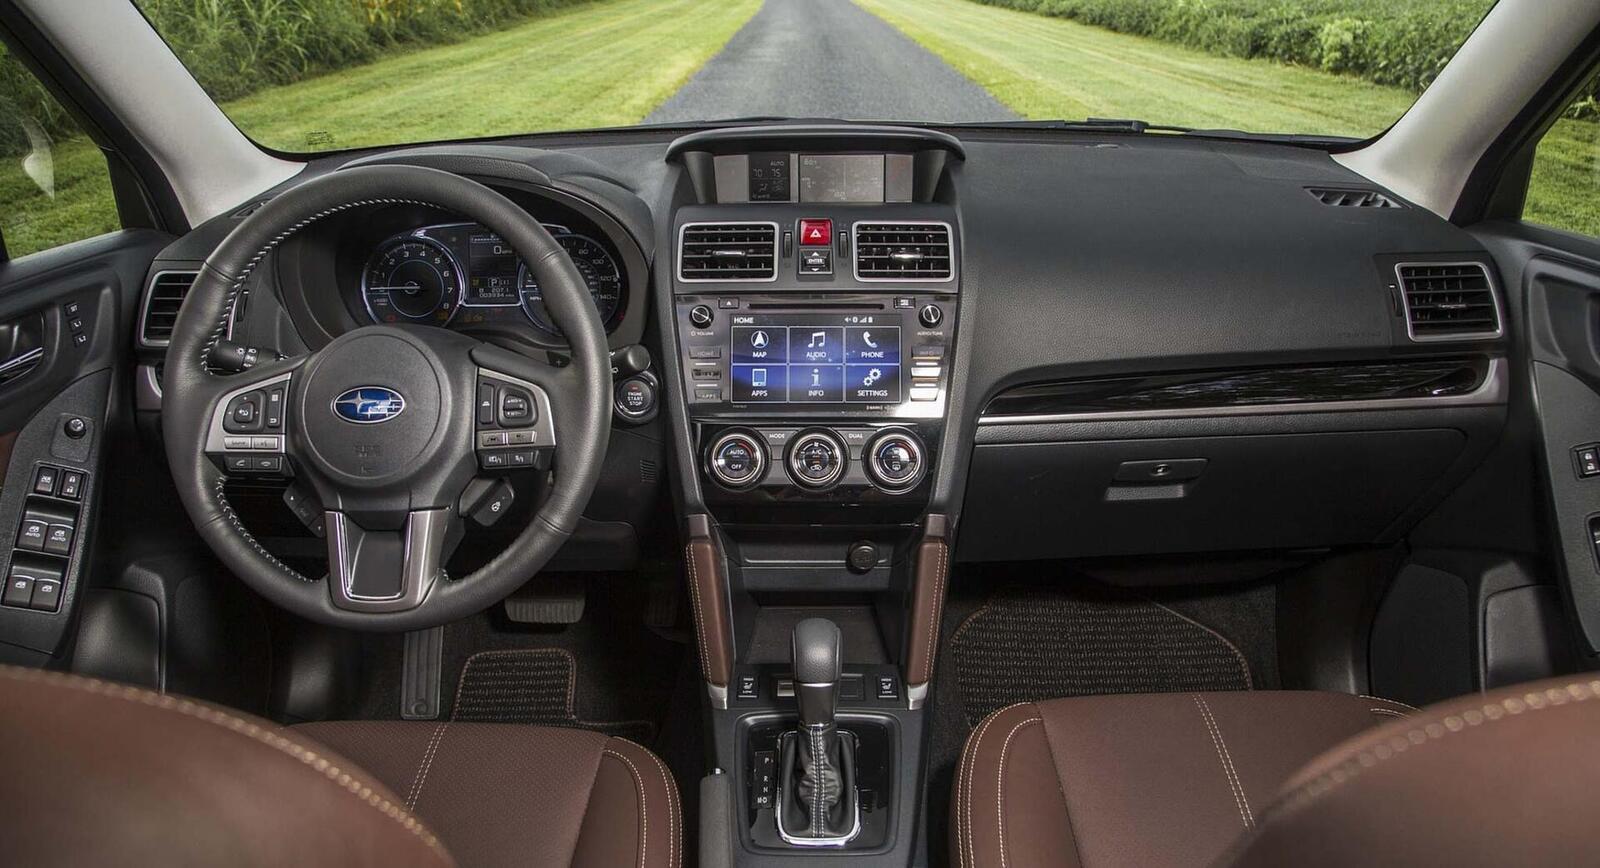 Sự khác biệt giữa Subaru Forester thế hệ mới và cũ - Hình 10